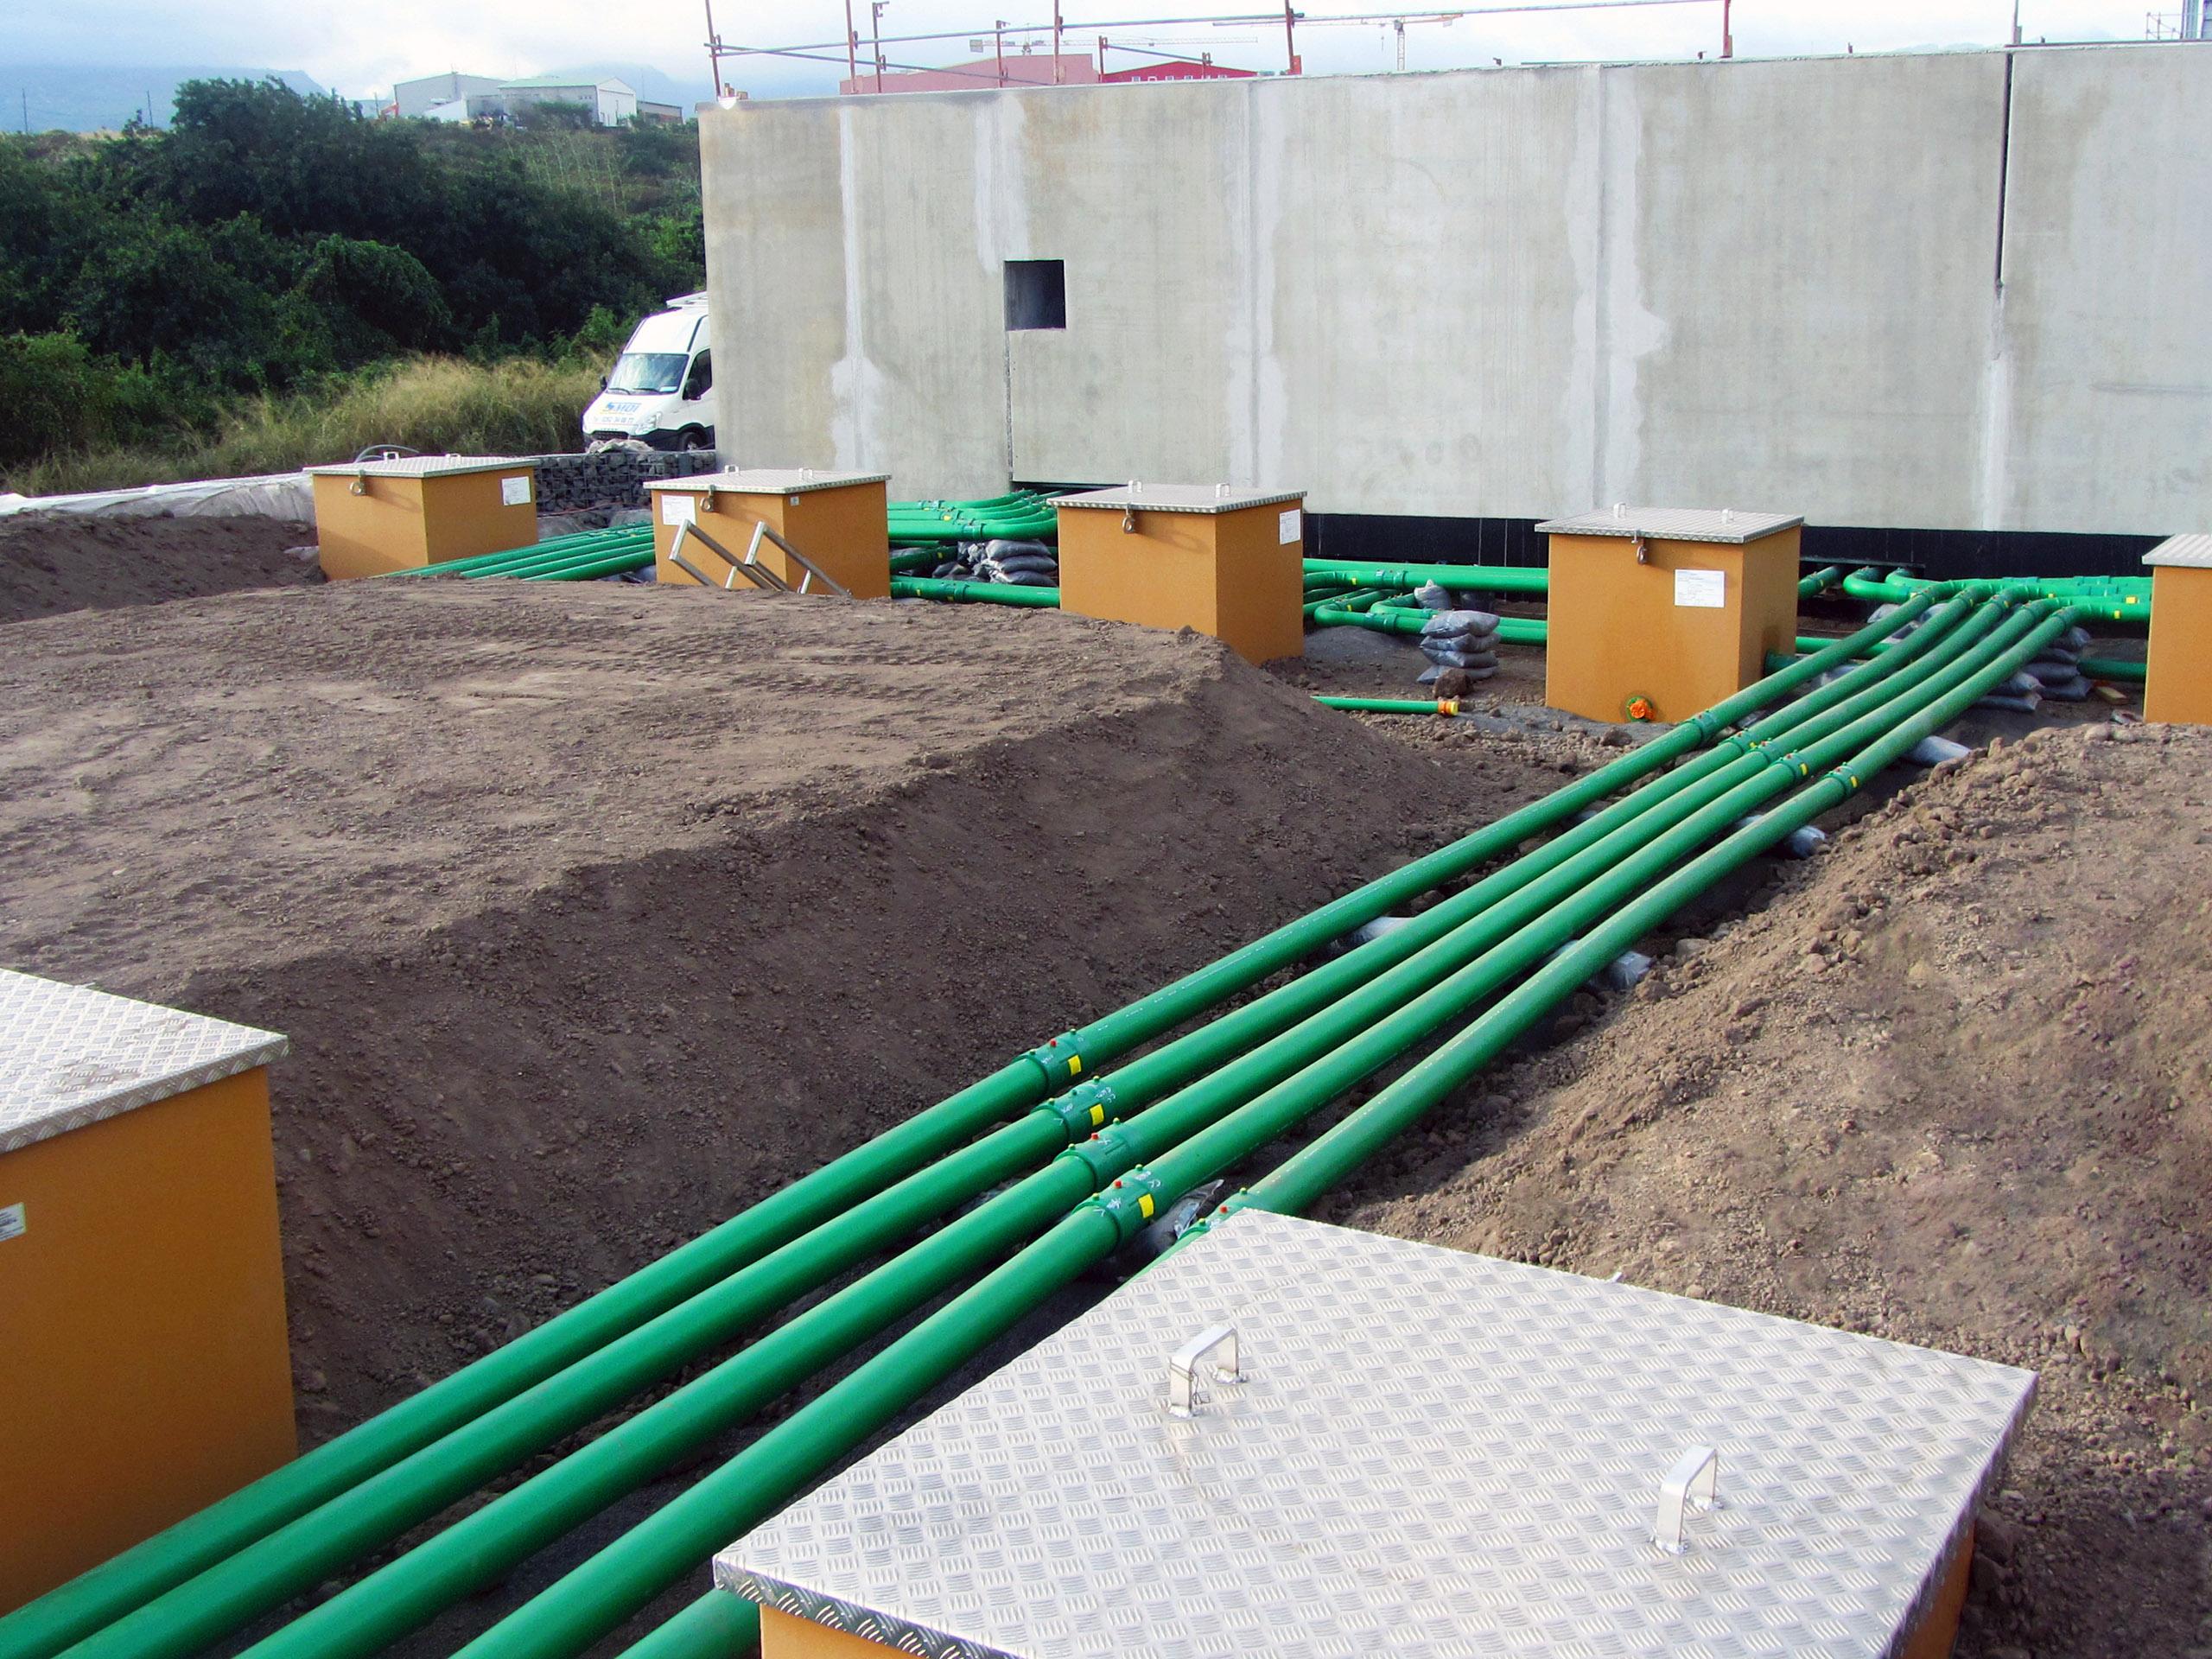 La tubería conductiva de KPS es electrostáticamente segura, evitando la posible acumulación de electricidad estática